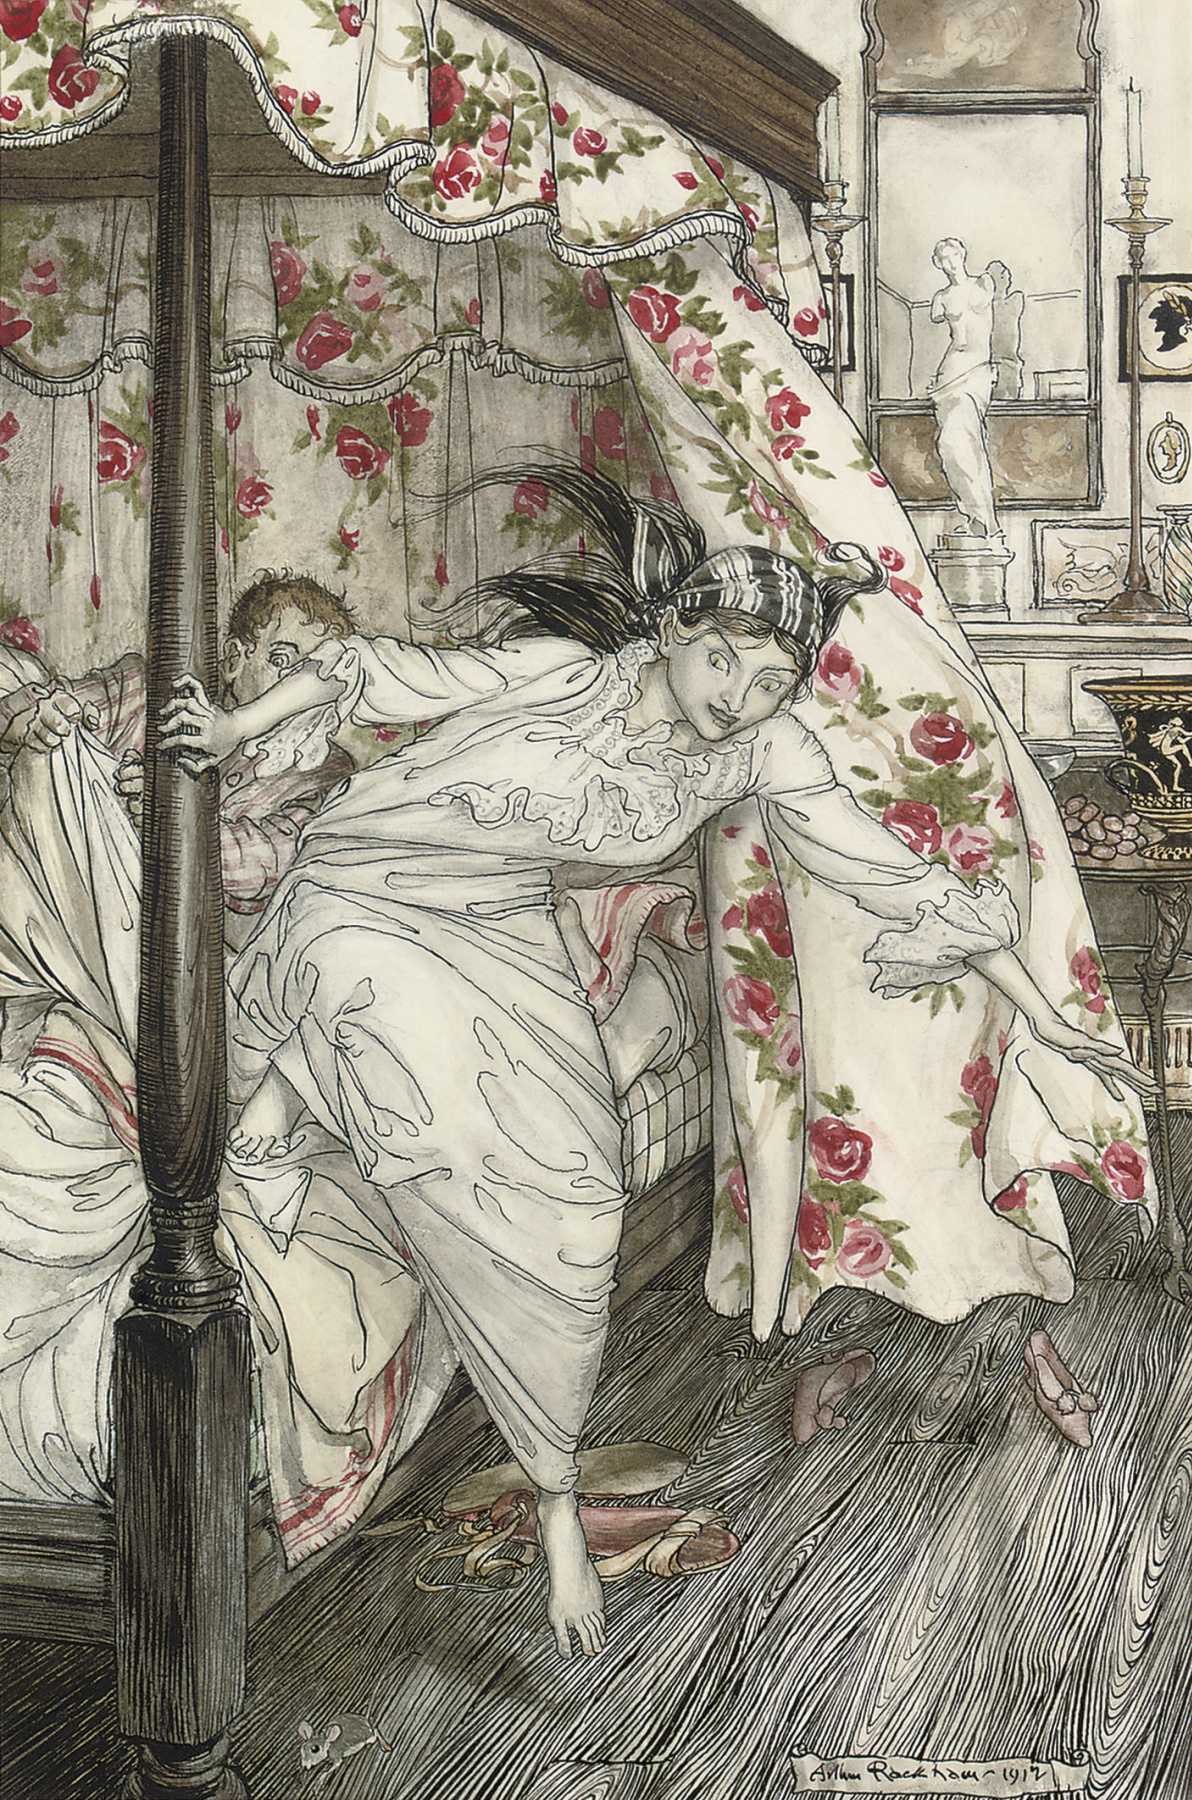 Arthur Rackham. Illustration for Aesop's Fable